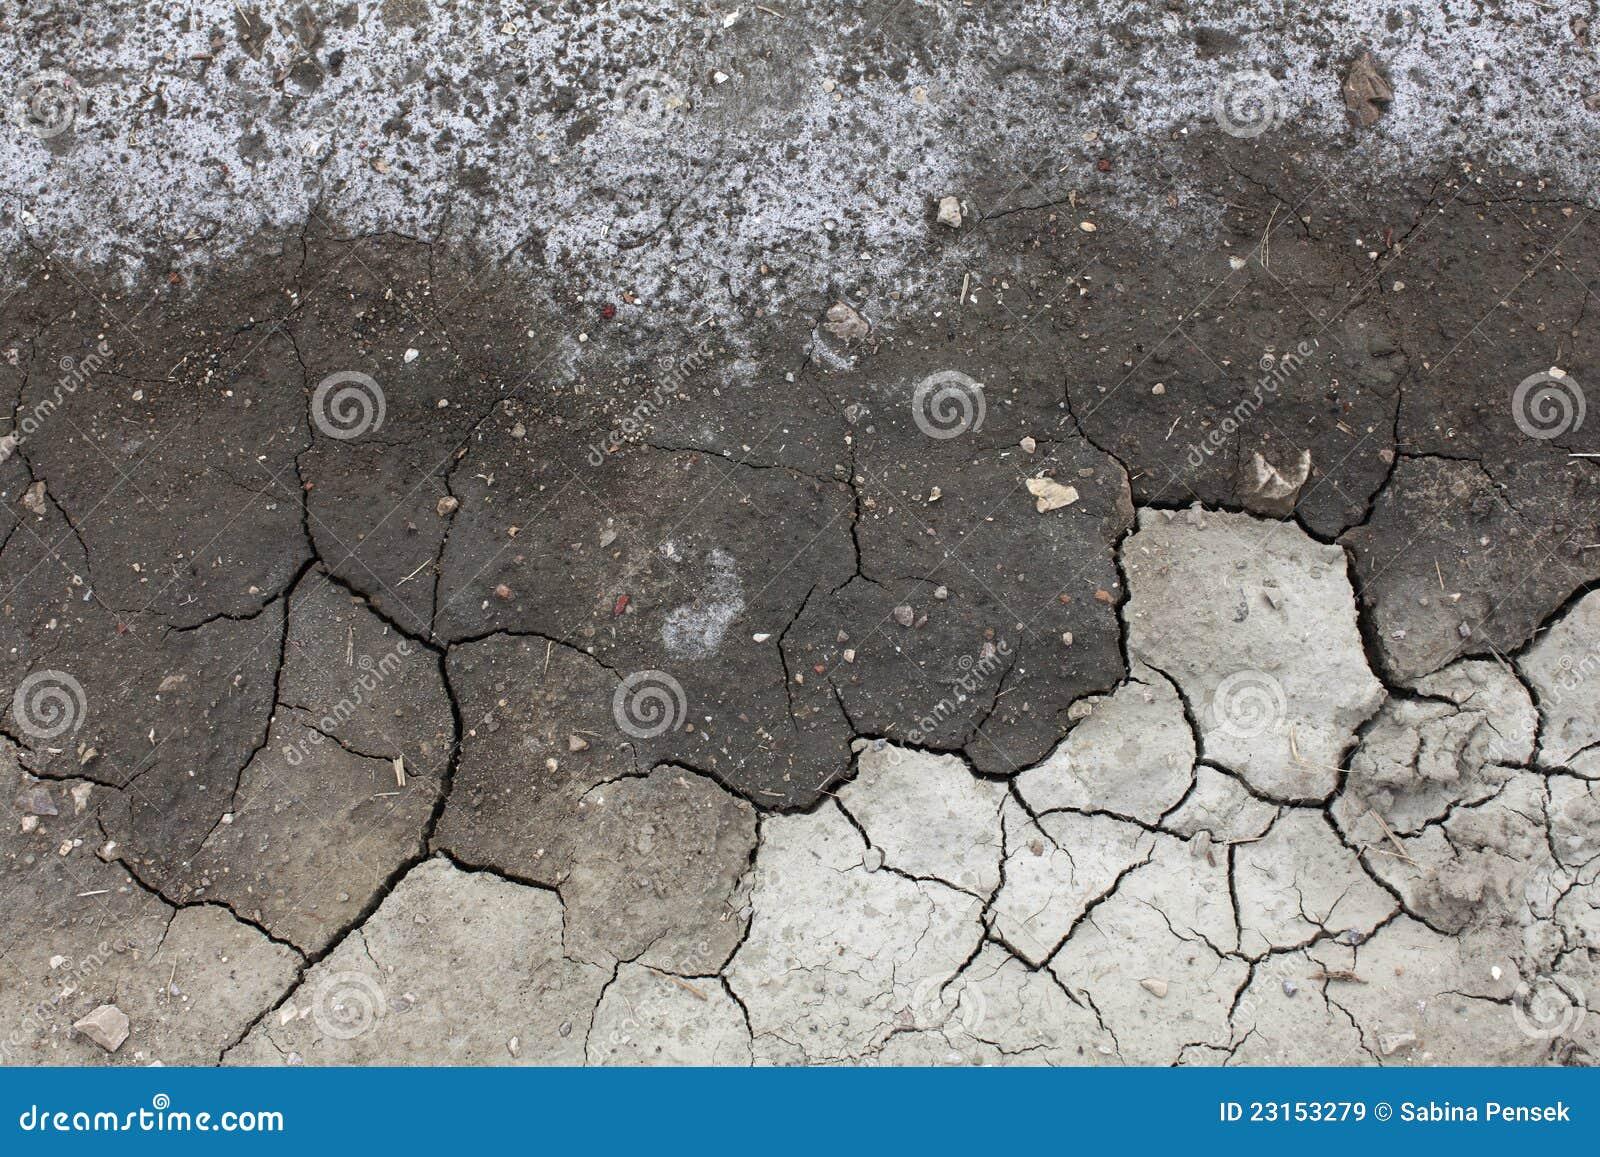 Degradación de la salinidad del suelo, tierra agrietada